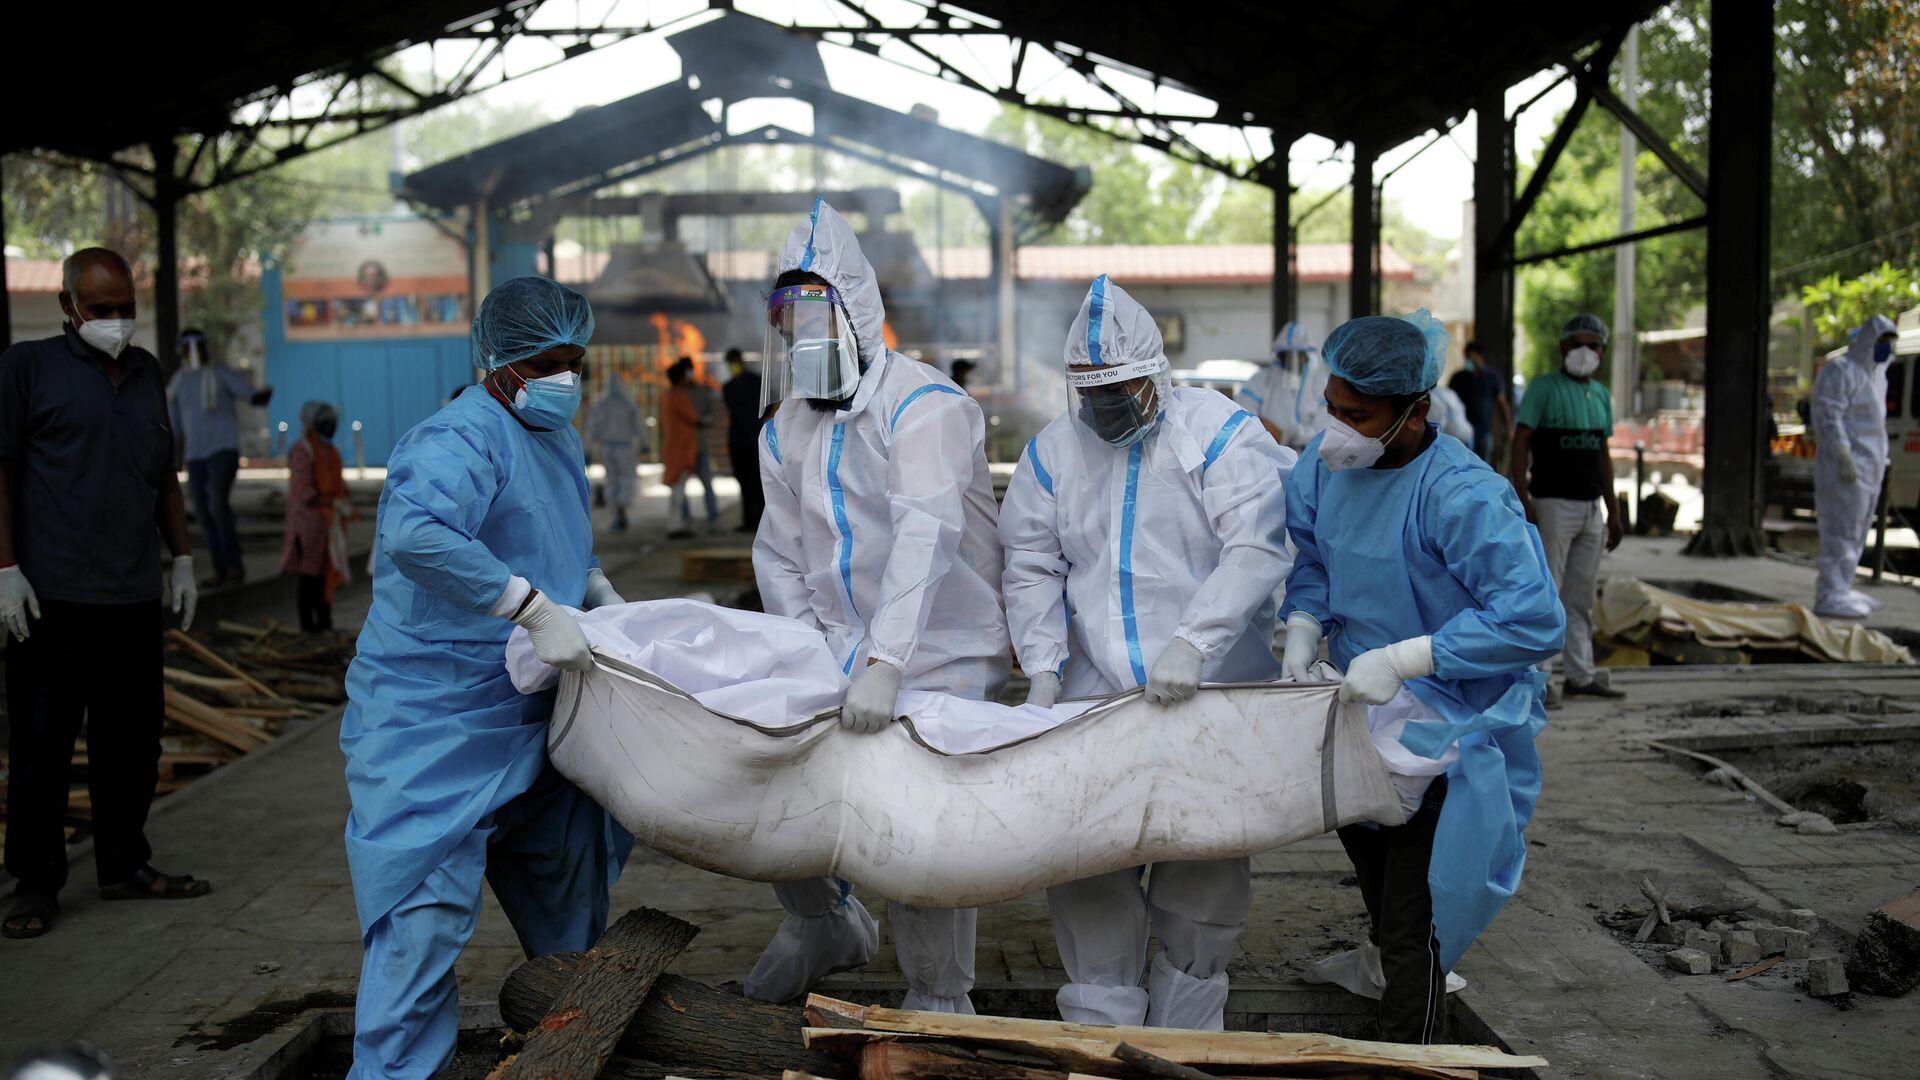 Varias personas con trajes de bioseguridad evacúan a las personas que fallecieron por coronavirus en la India - Sputnik Mundo, 1920, 28.04.2021